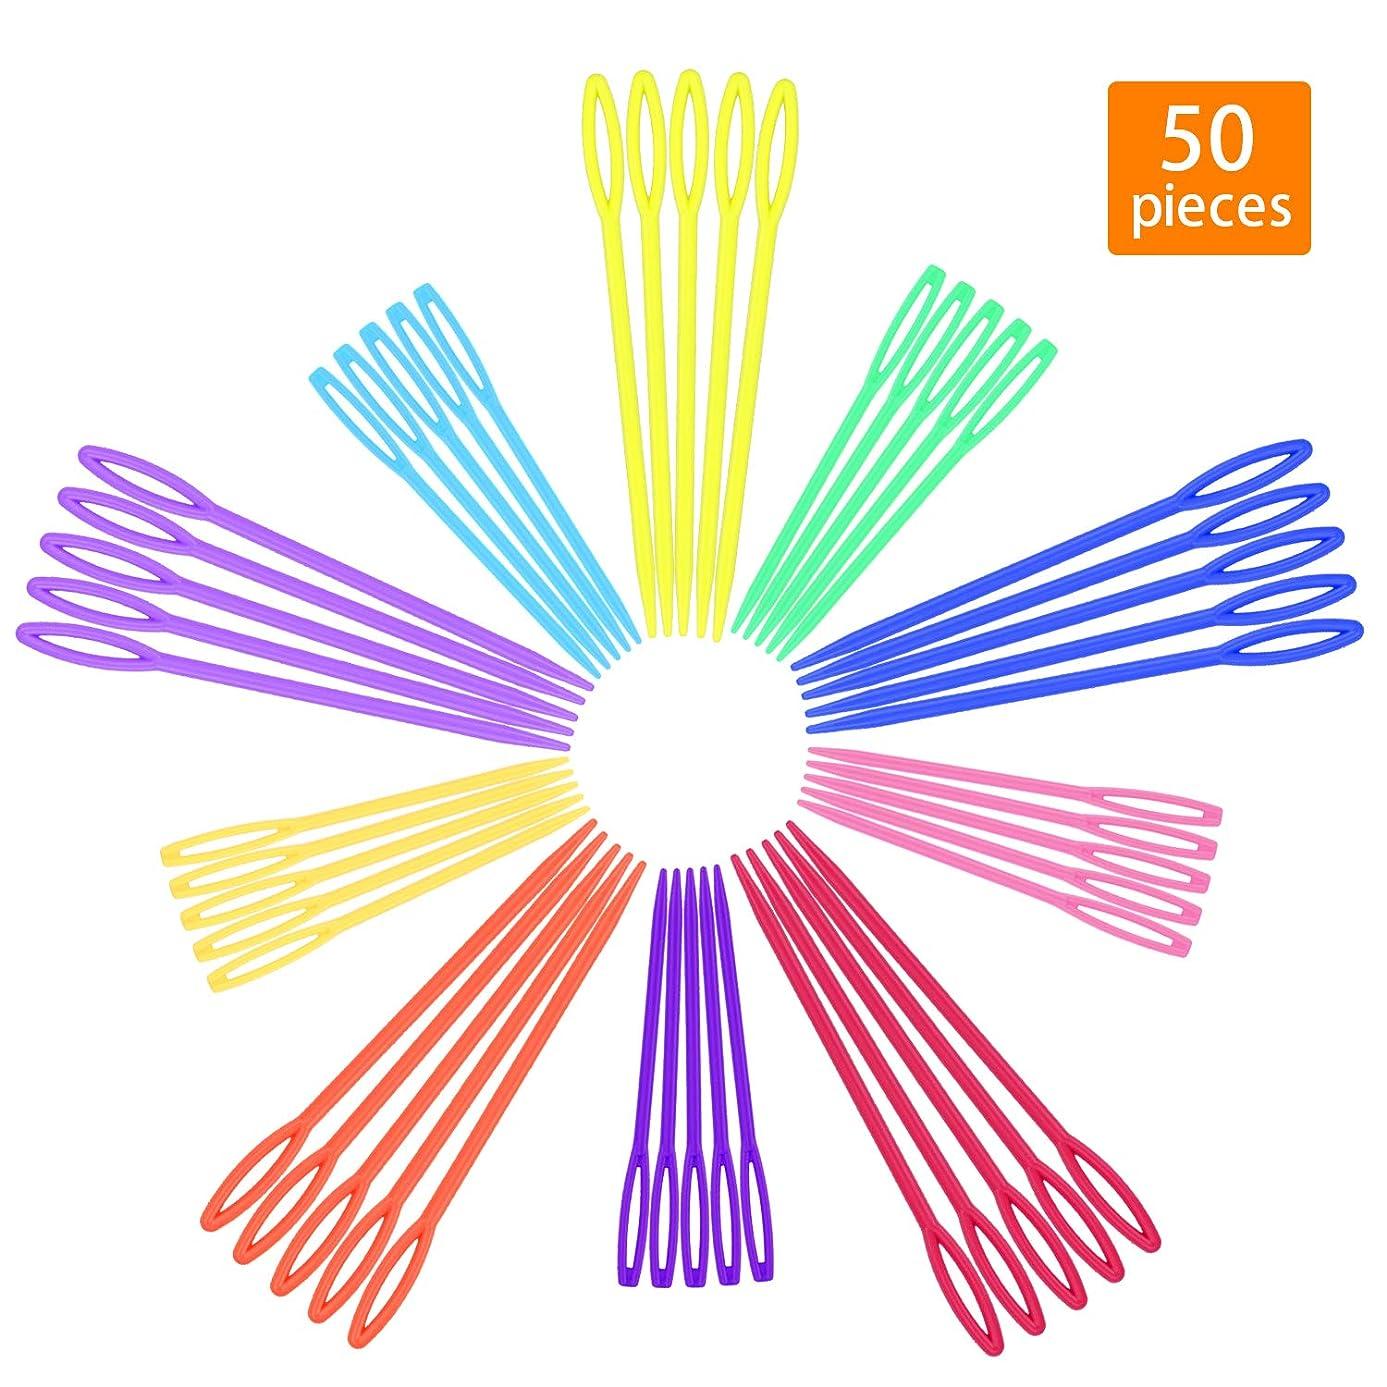 50 Pcs Plastic Sewing Needles, iFergoo 25 Pcs 3.5